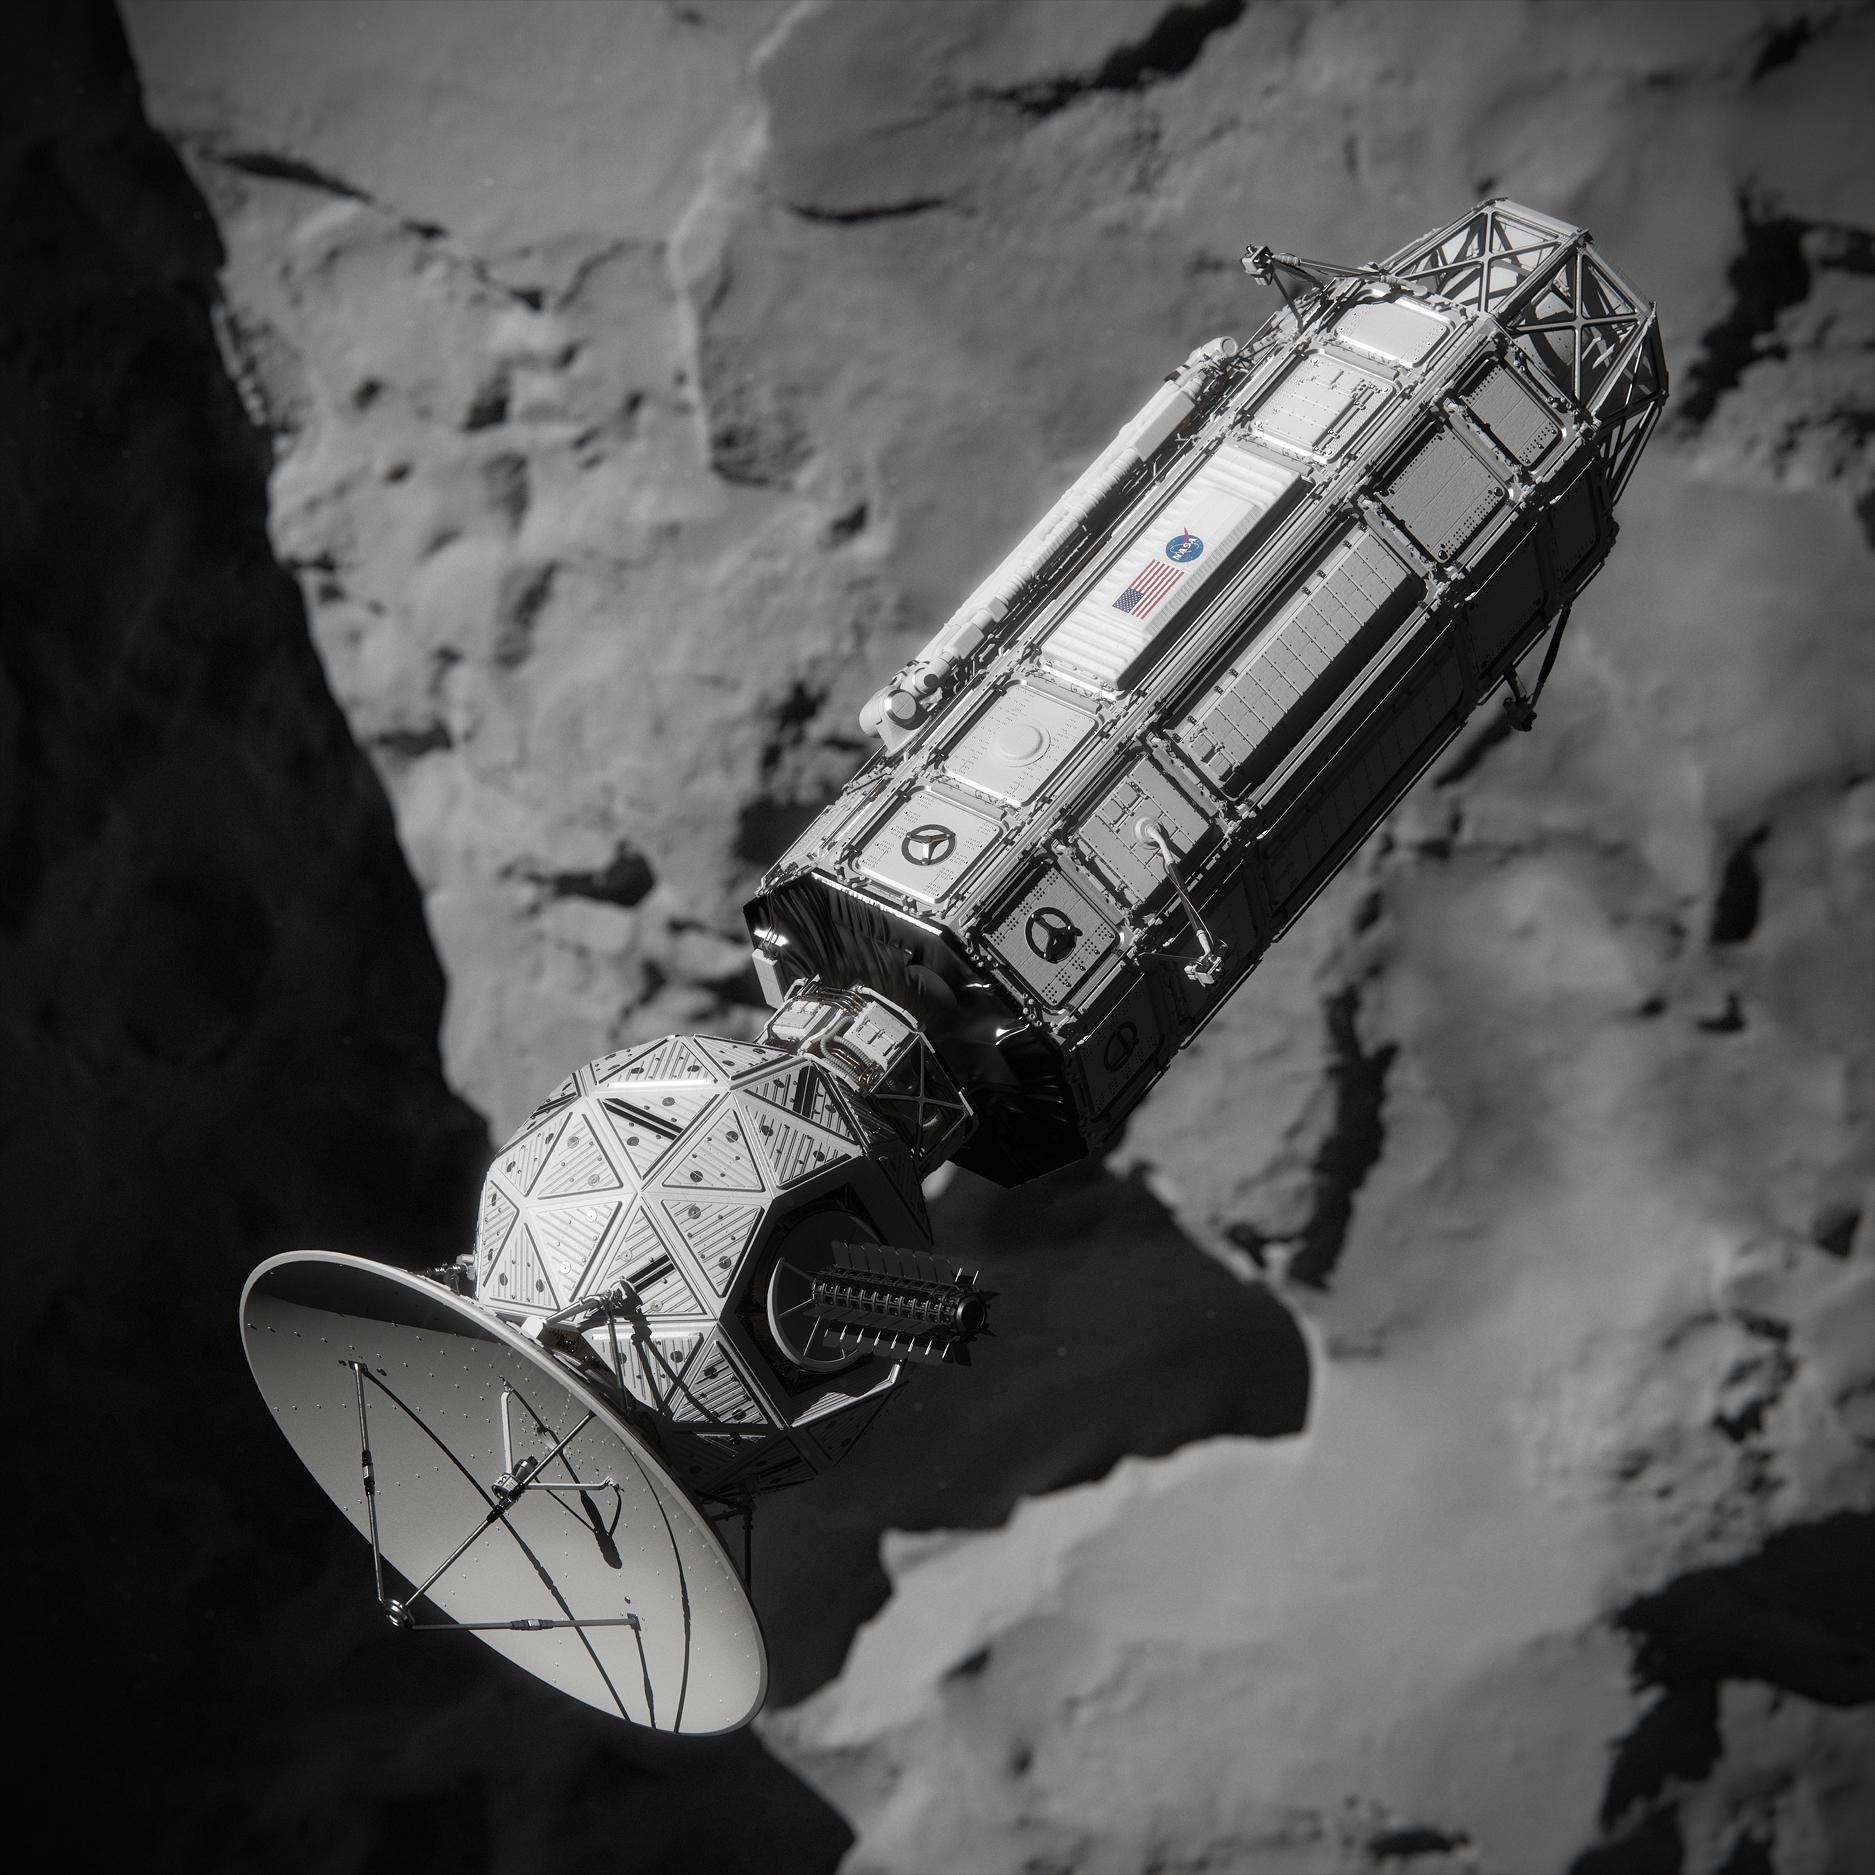 jpl-nasa-comet-hitchhiker_1-1_comp-25percent.jpg